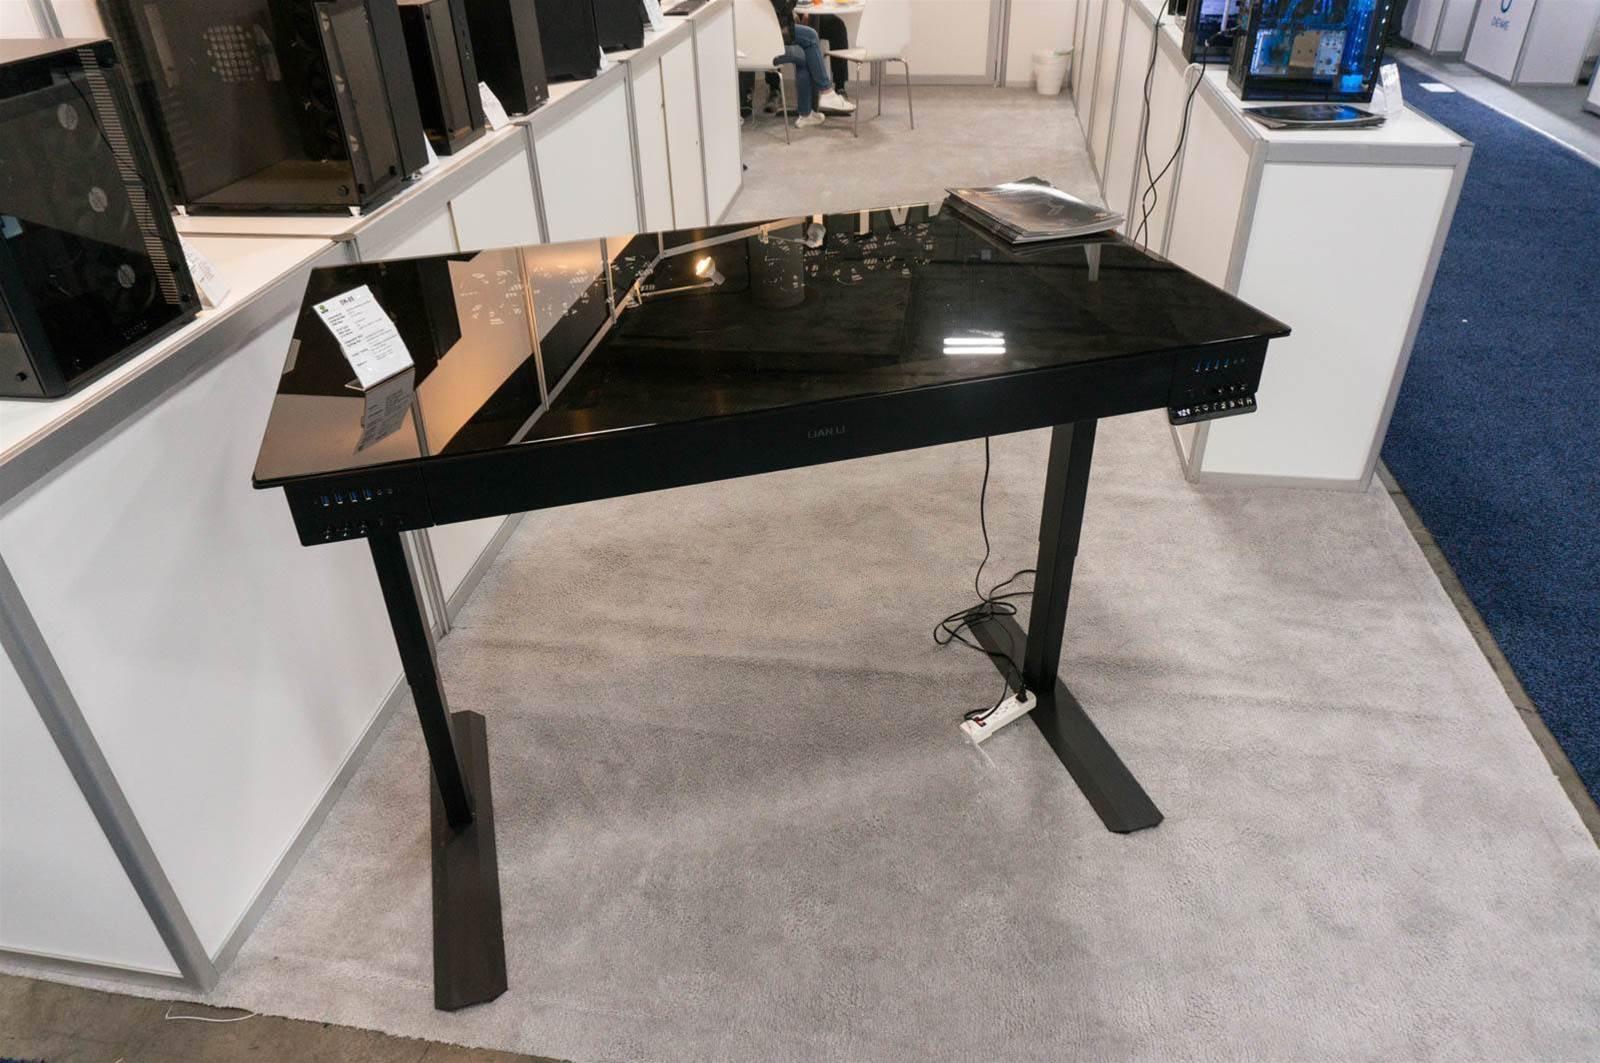 Lian Li unveils DK-05 dual-PC standing desk